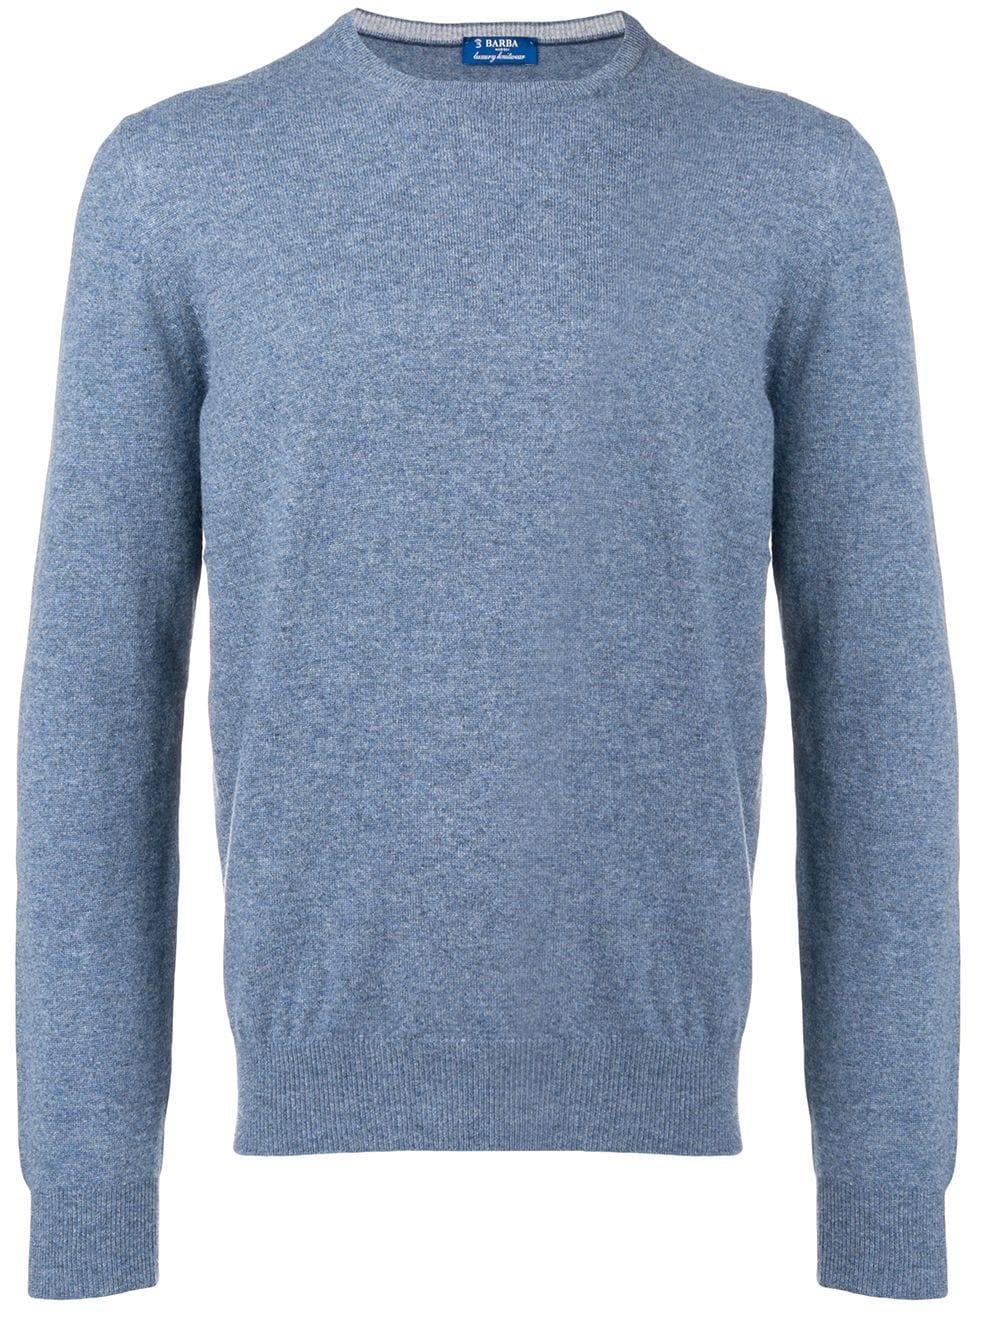 best service 7c3a8 a30ef Barba Napoli Knitwear | INCROCIO - incrocio.gr